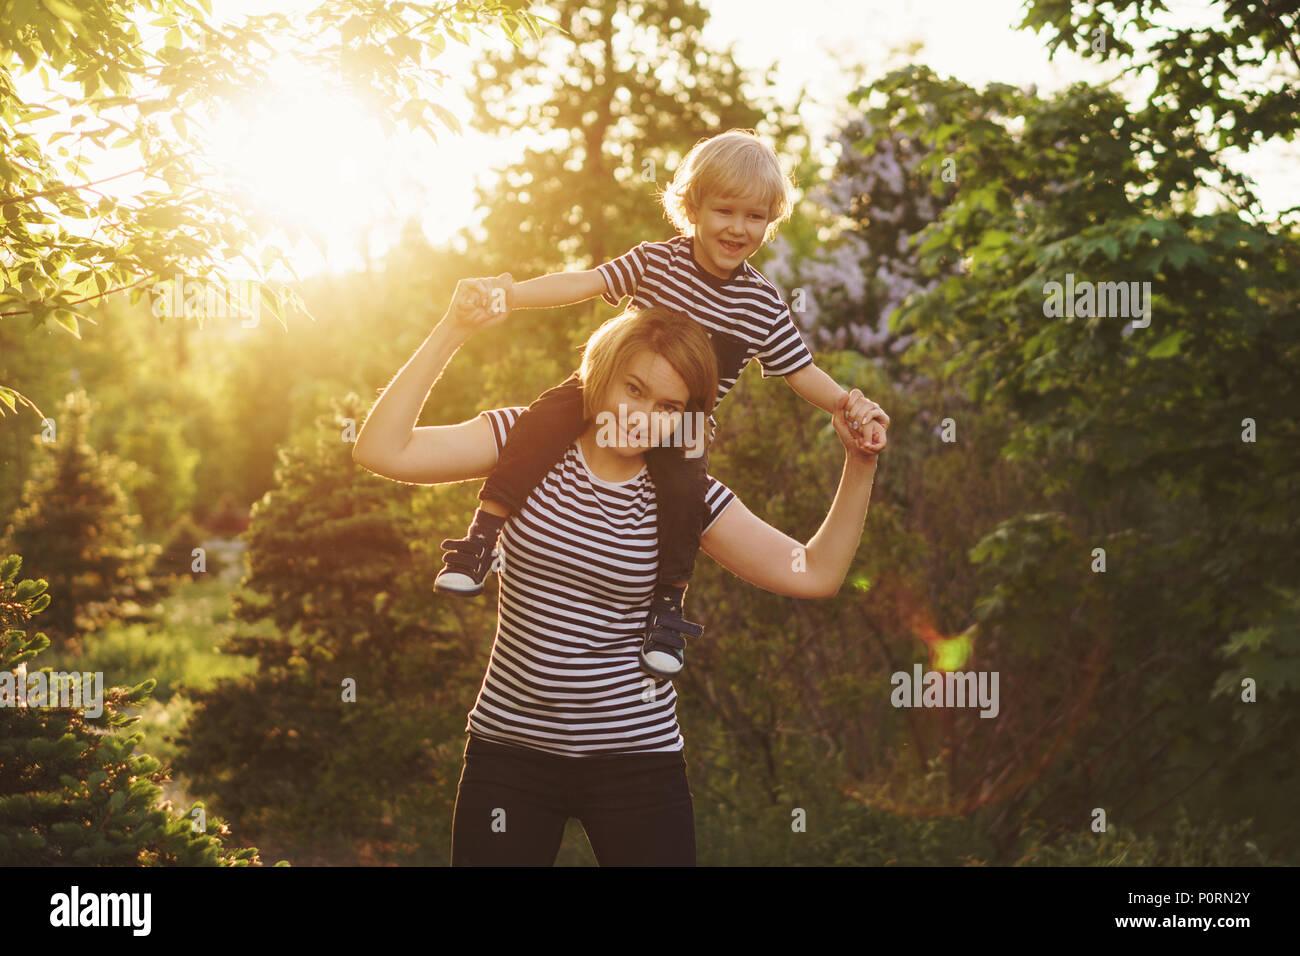 Madre e hijo en rayas T-shirts. Mujer sosteniendo boy en piggyback. La familia juntos. Divertirse Imagen De Stock